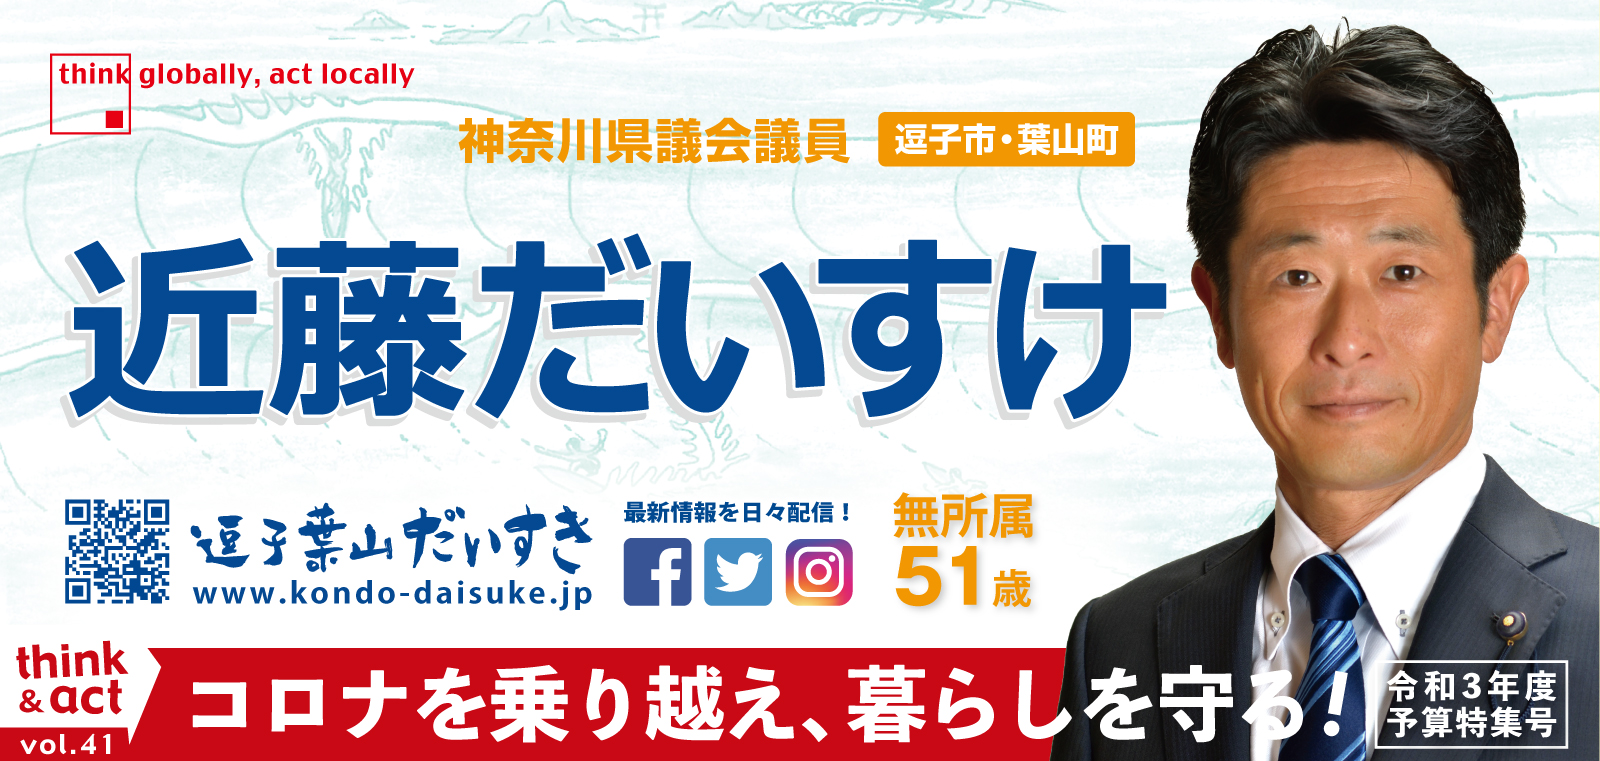 コロナを乗り越え、暮らしを守る! 神奈川県議会議員 近藤だいすけの県政ニュースvol.41